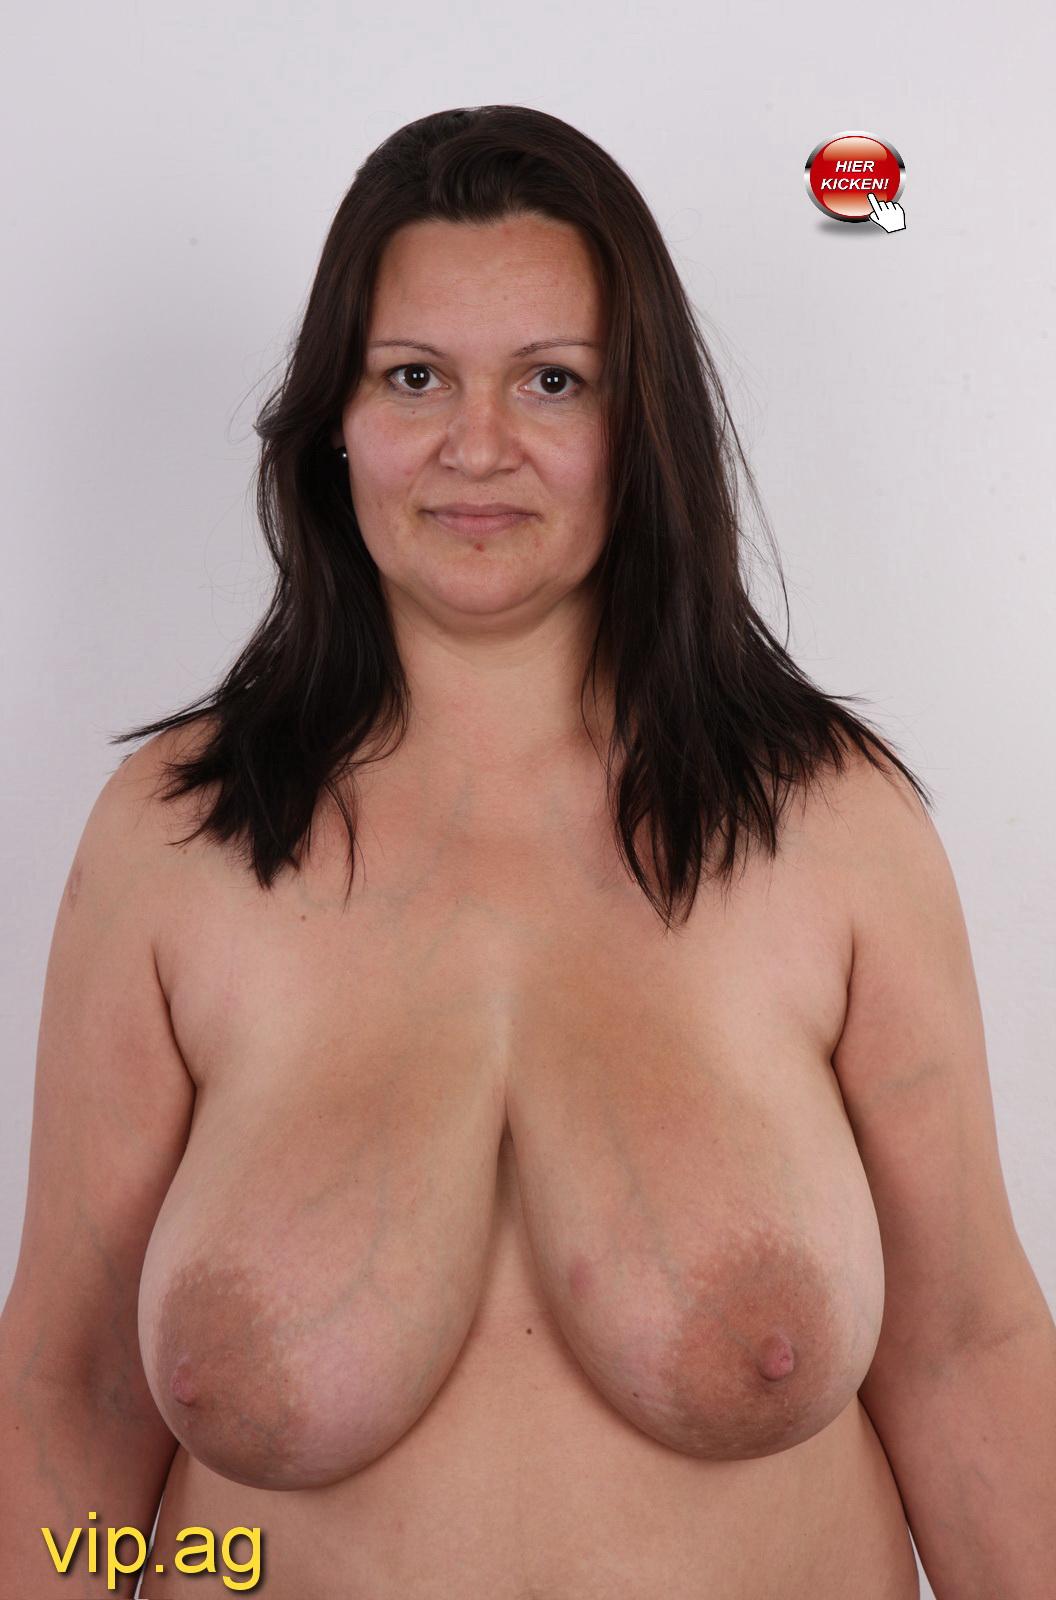 pralle Brüste Ursula